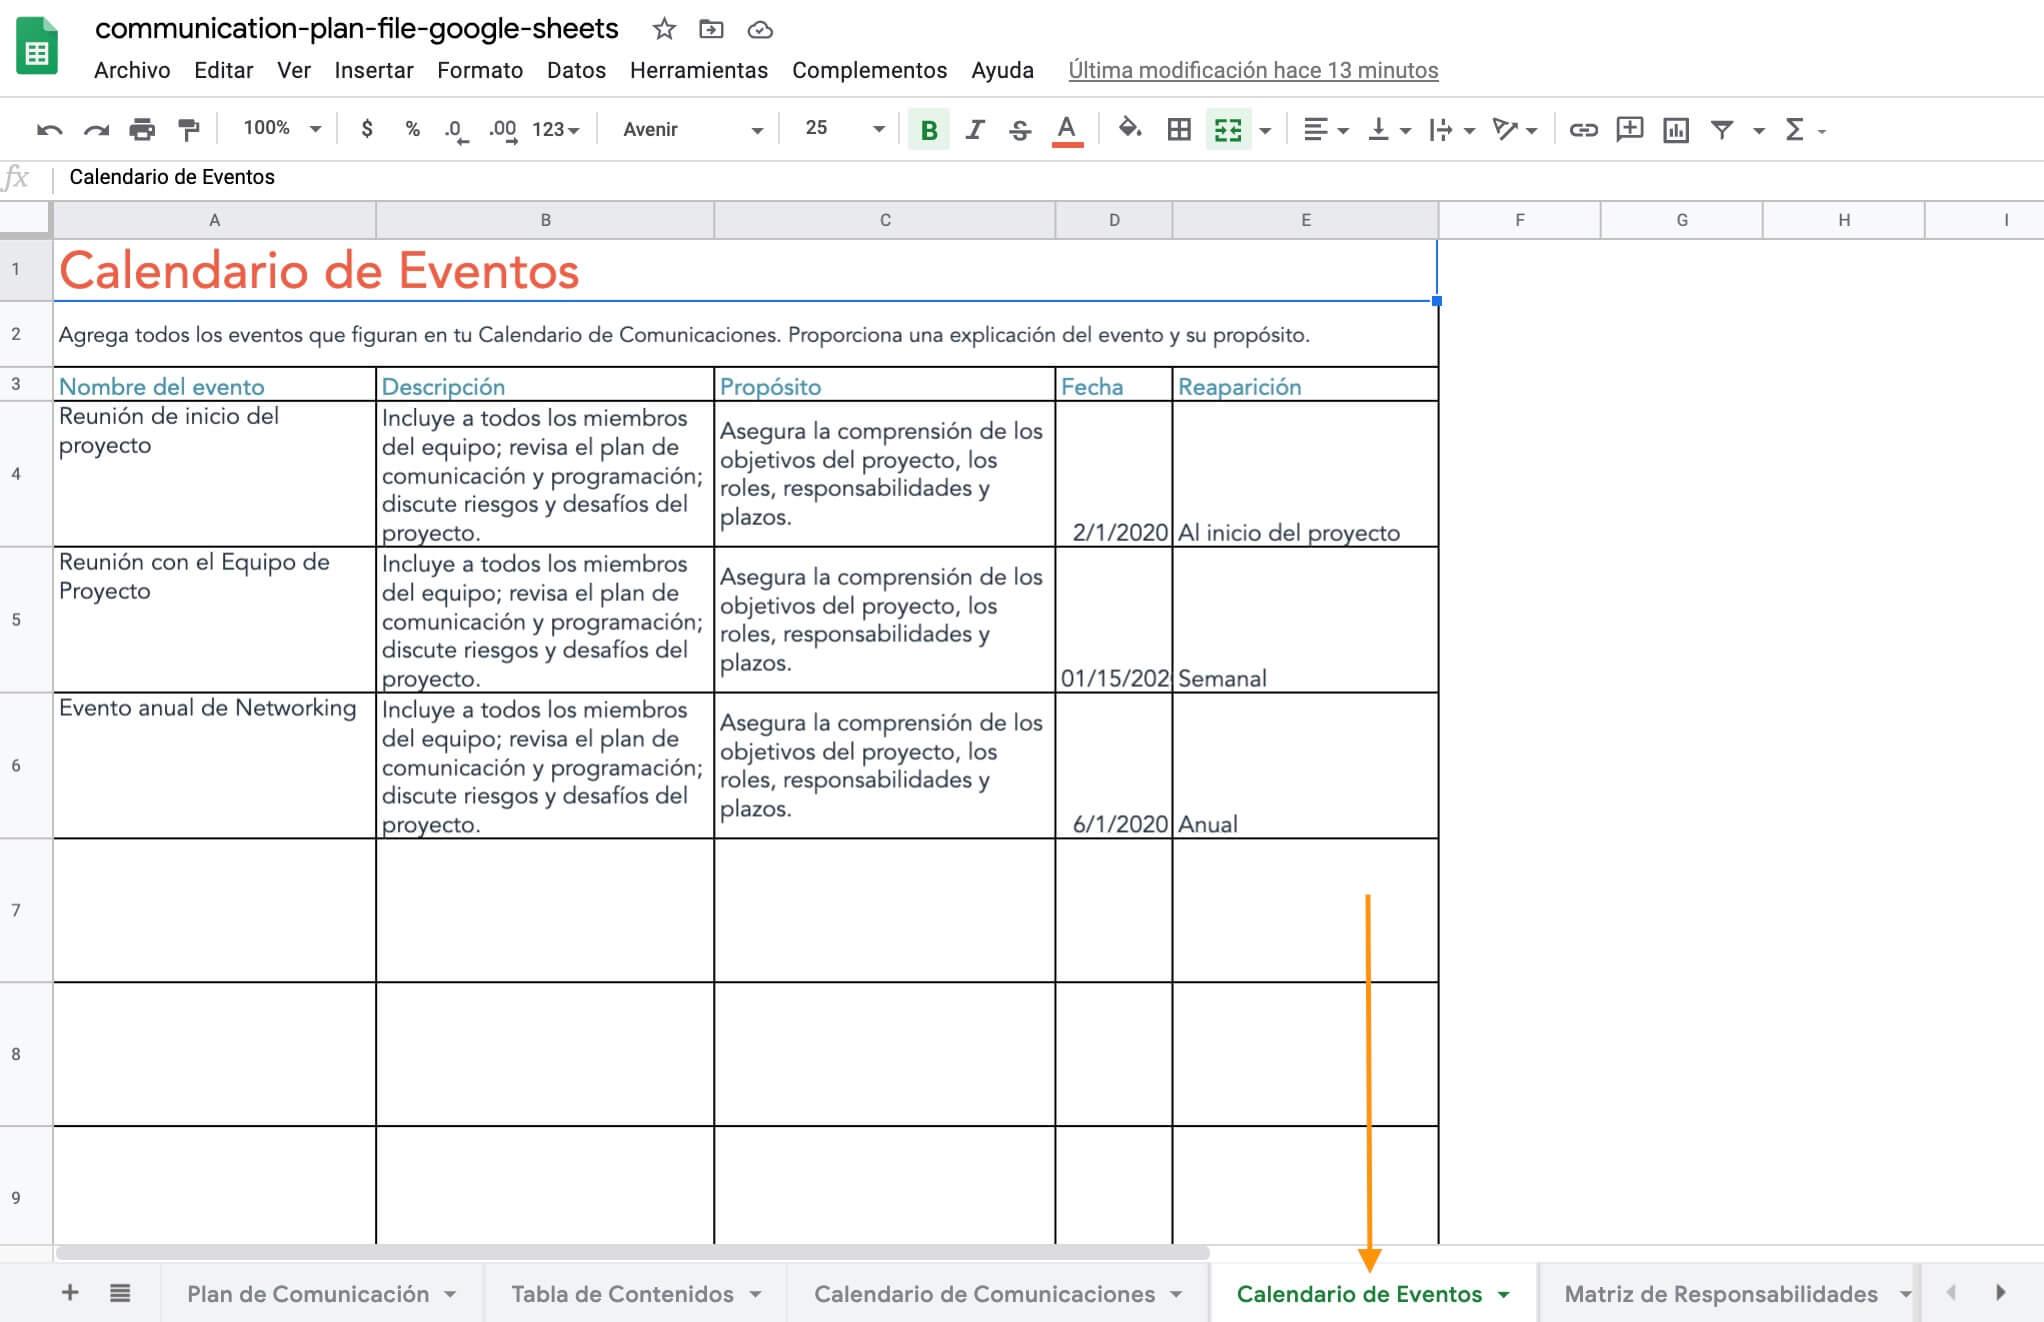 Pestaña de calendario de eventos de la plantilla de HubSpot para hacer un plan de comunicación eficaz